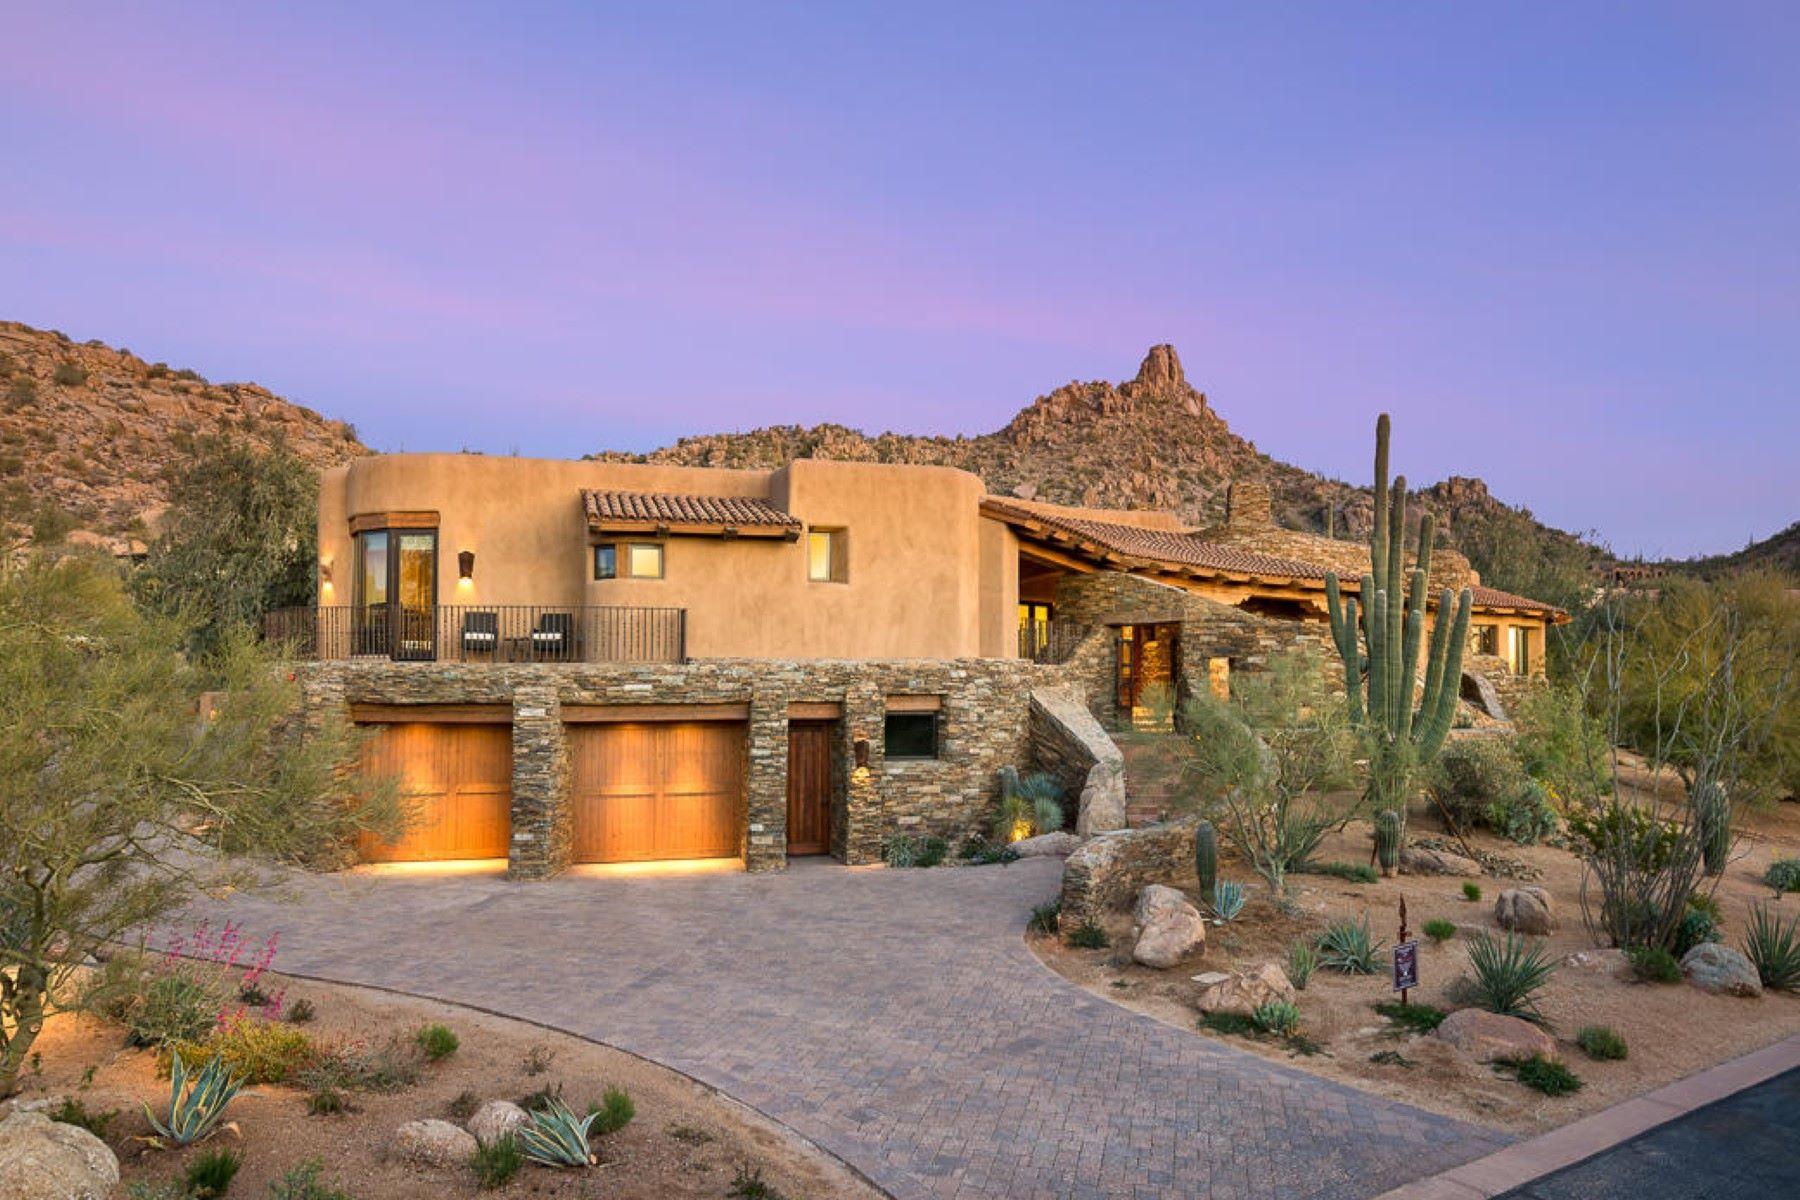 獨棟家庭住宅 為 出售 在 Gorgeous custom Scottsdale Home In the Gated Community of Estancia 27185 N 97th Pl, Scottsdale, 亞利桑那州, 85262 美國